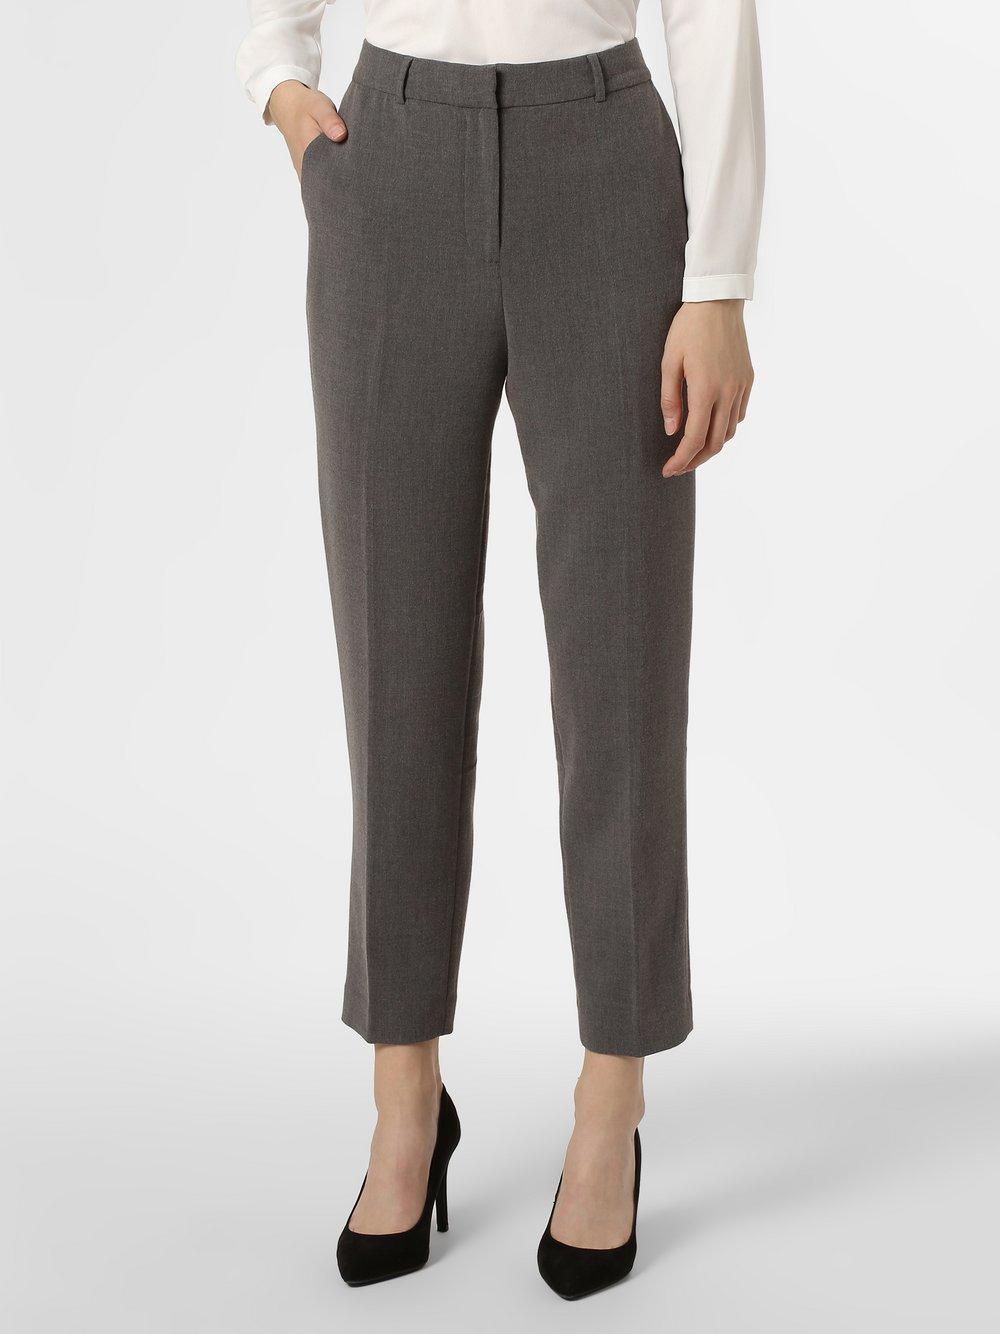 IPURI - Spodnie damskie, szary